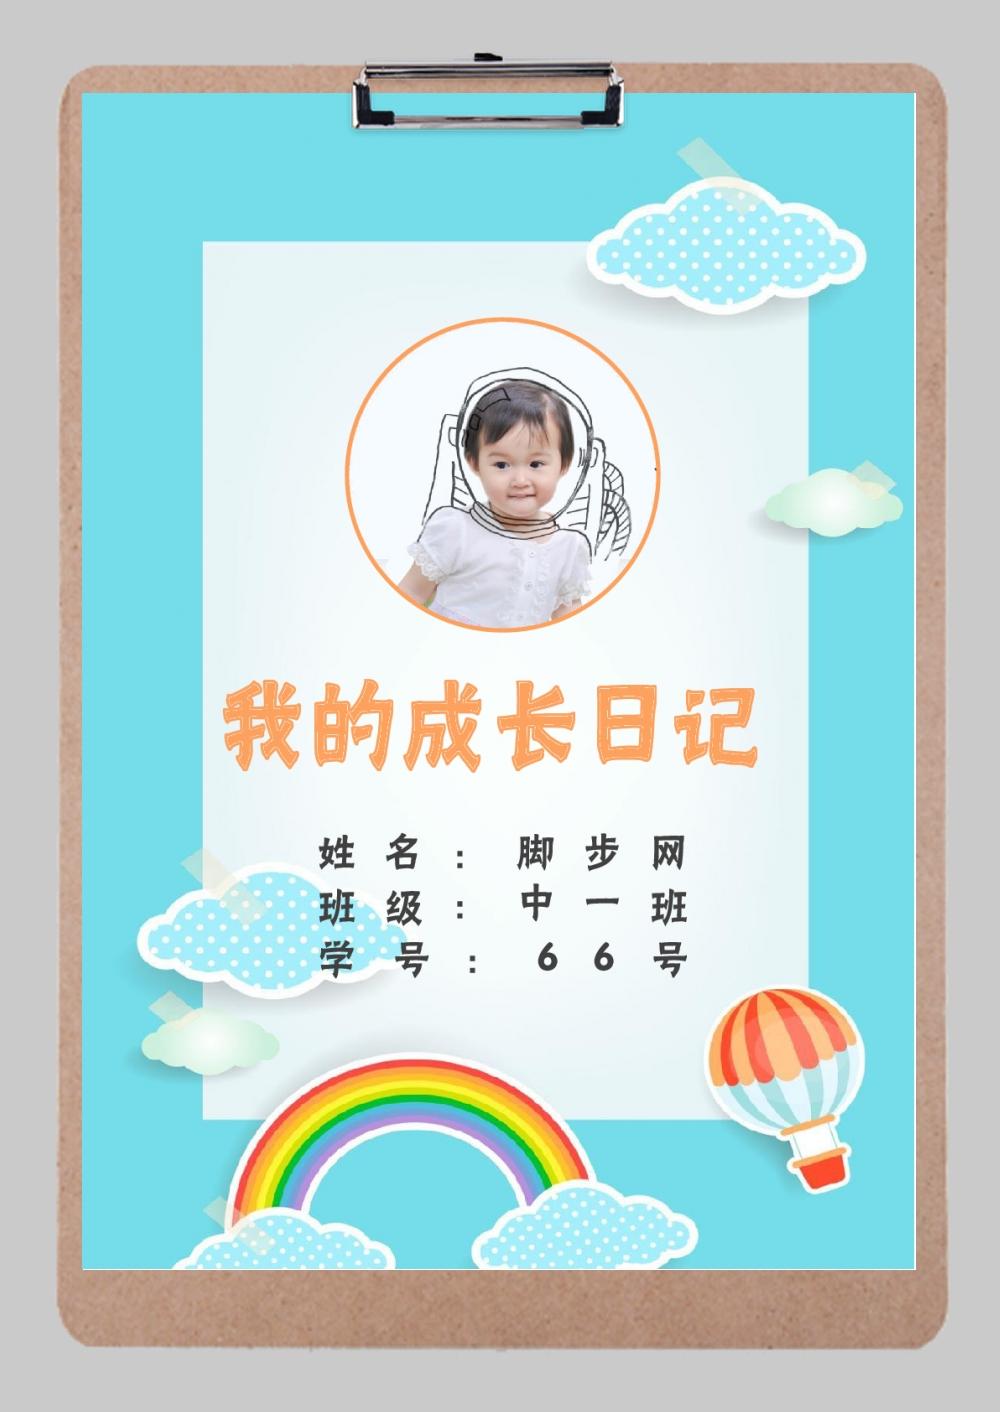 藍色可愛兒童成長日記word模板